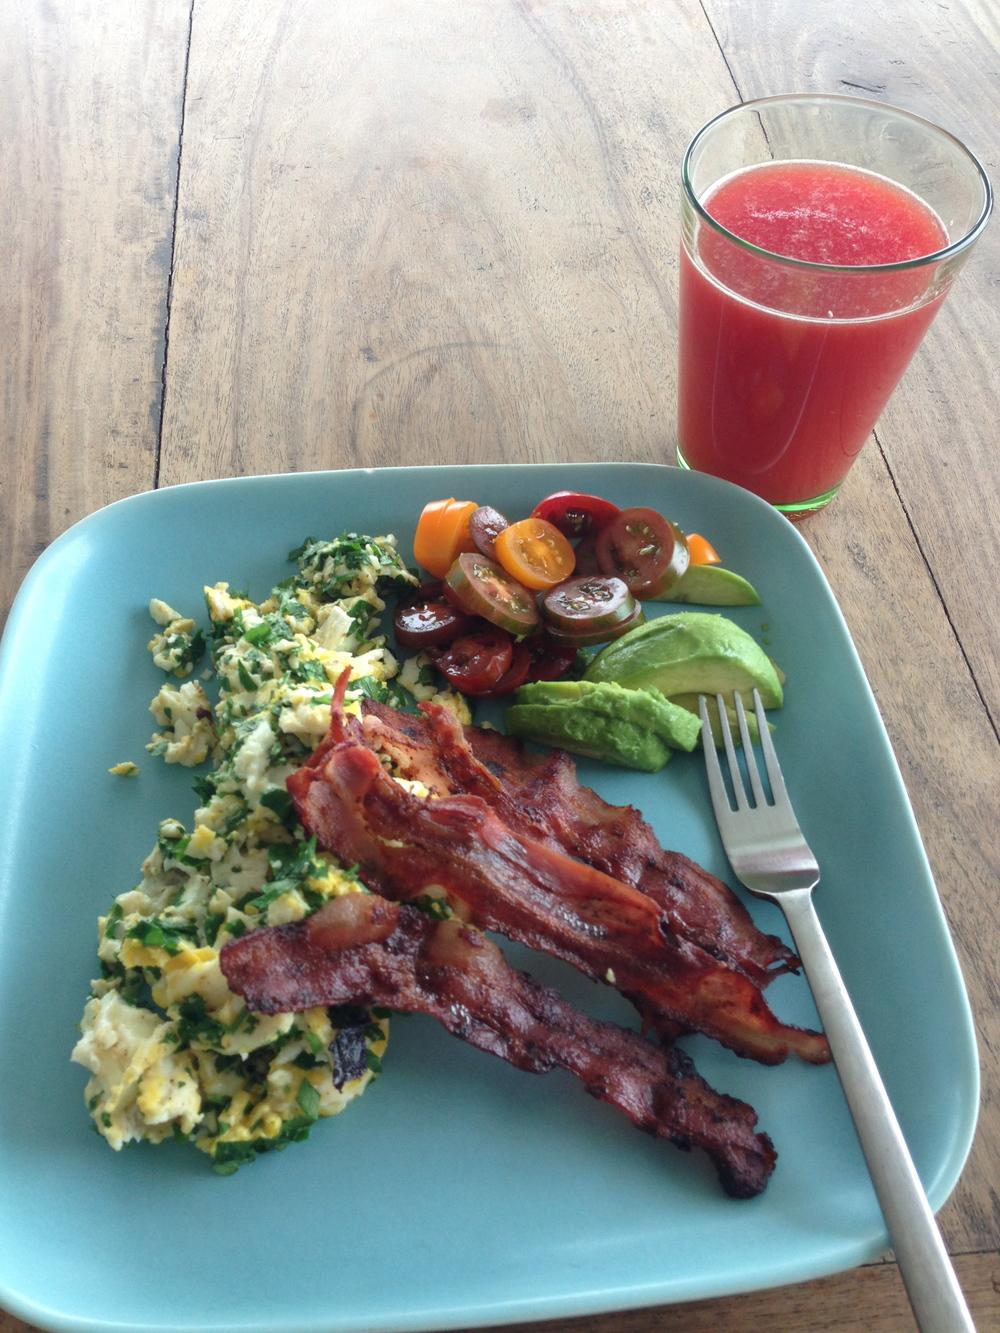 Frukost - äggröra med persilja, bacon, avokado och sköna blandade tomater.  Till detta vattenmelon juice